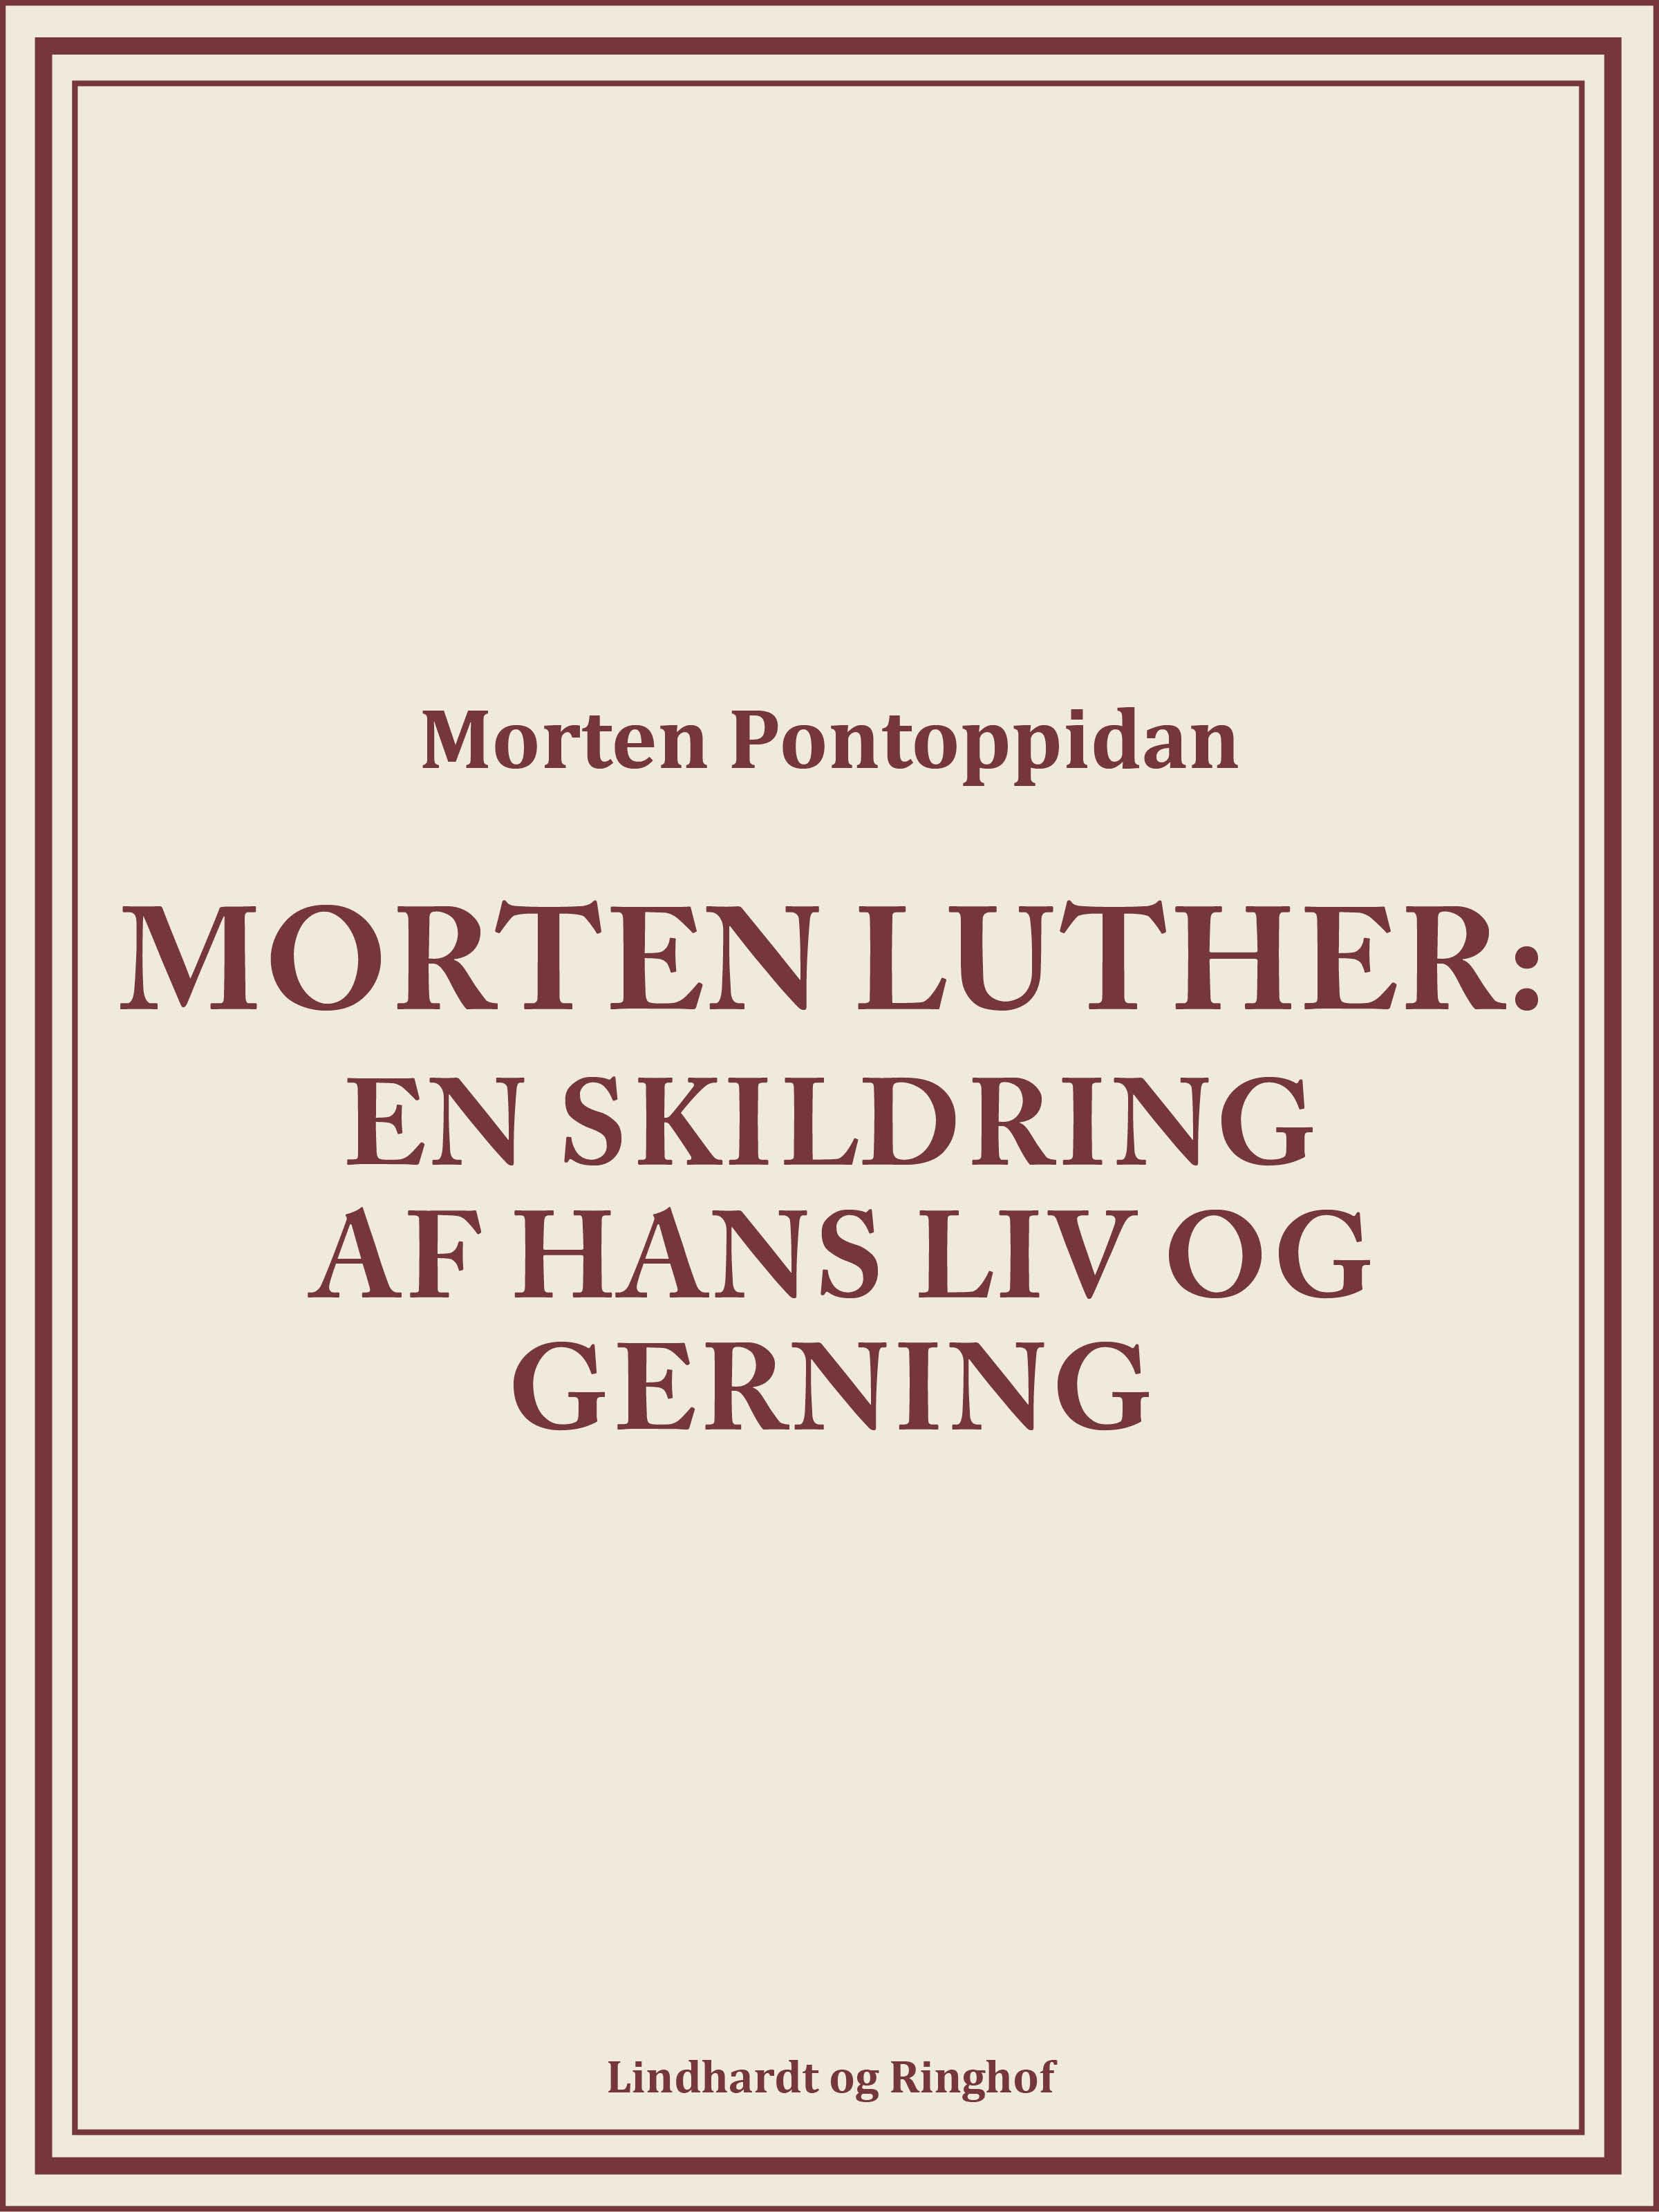 Morten luther: en skildring af hans liv og gerning - e-bog fra N/A på bog & mystik